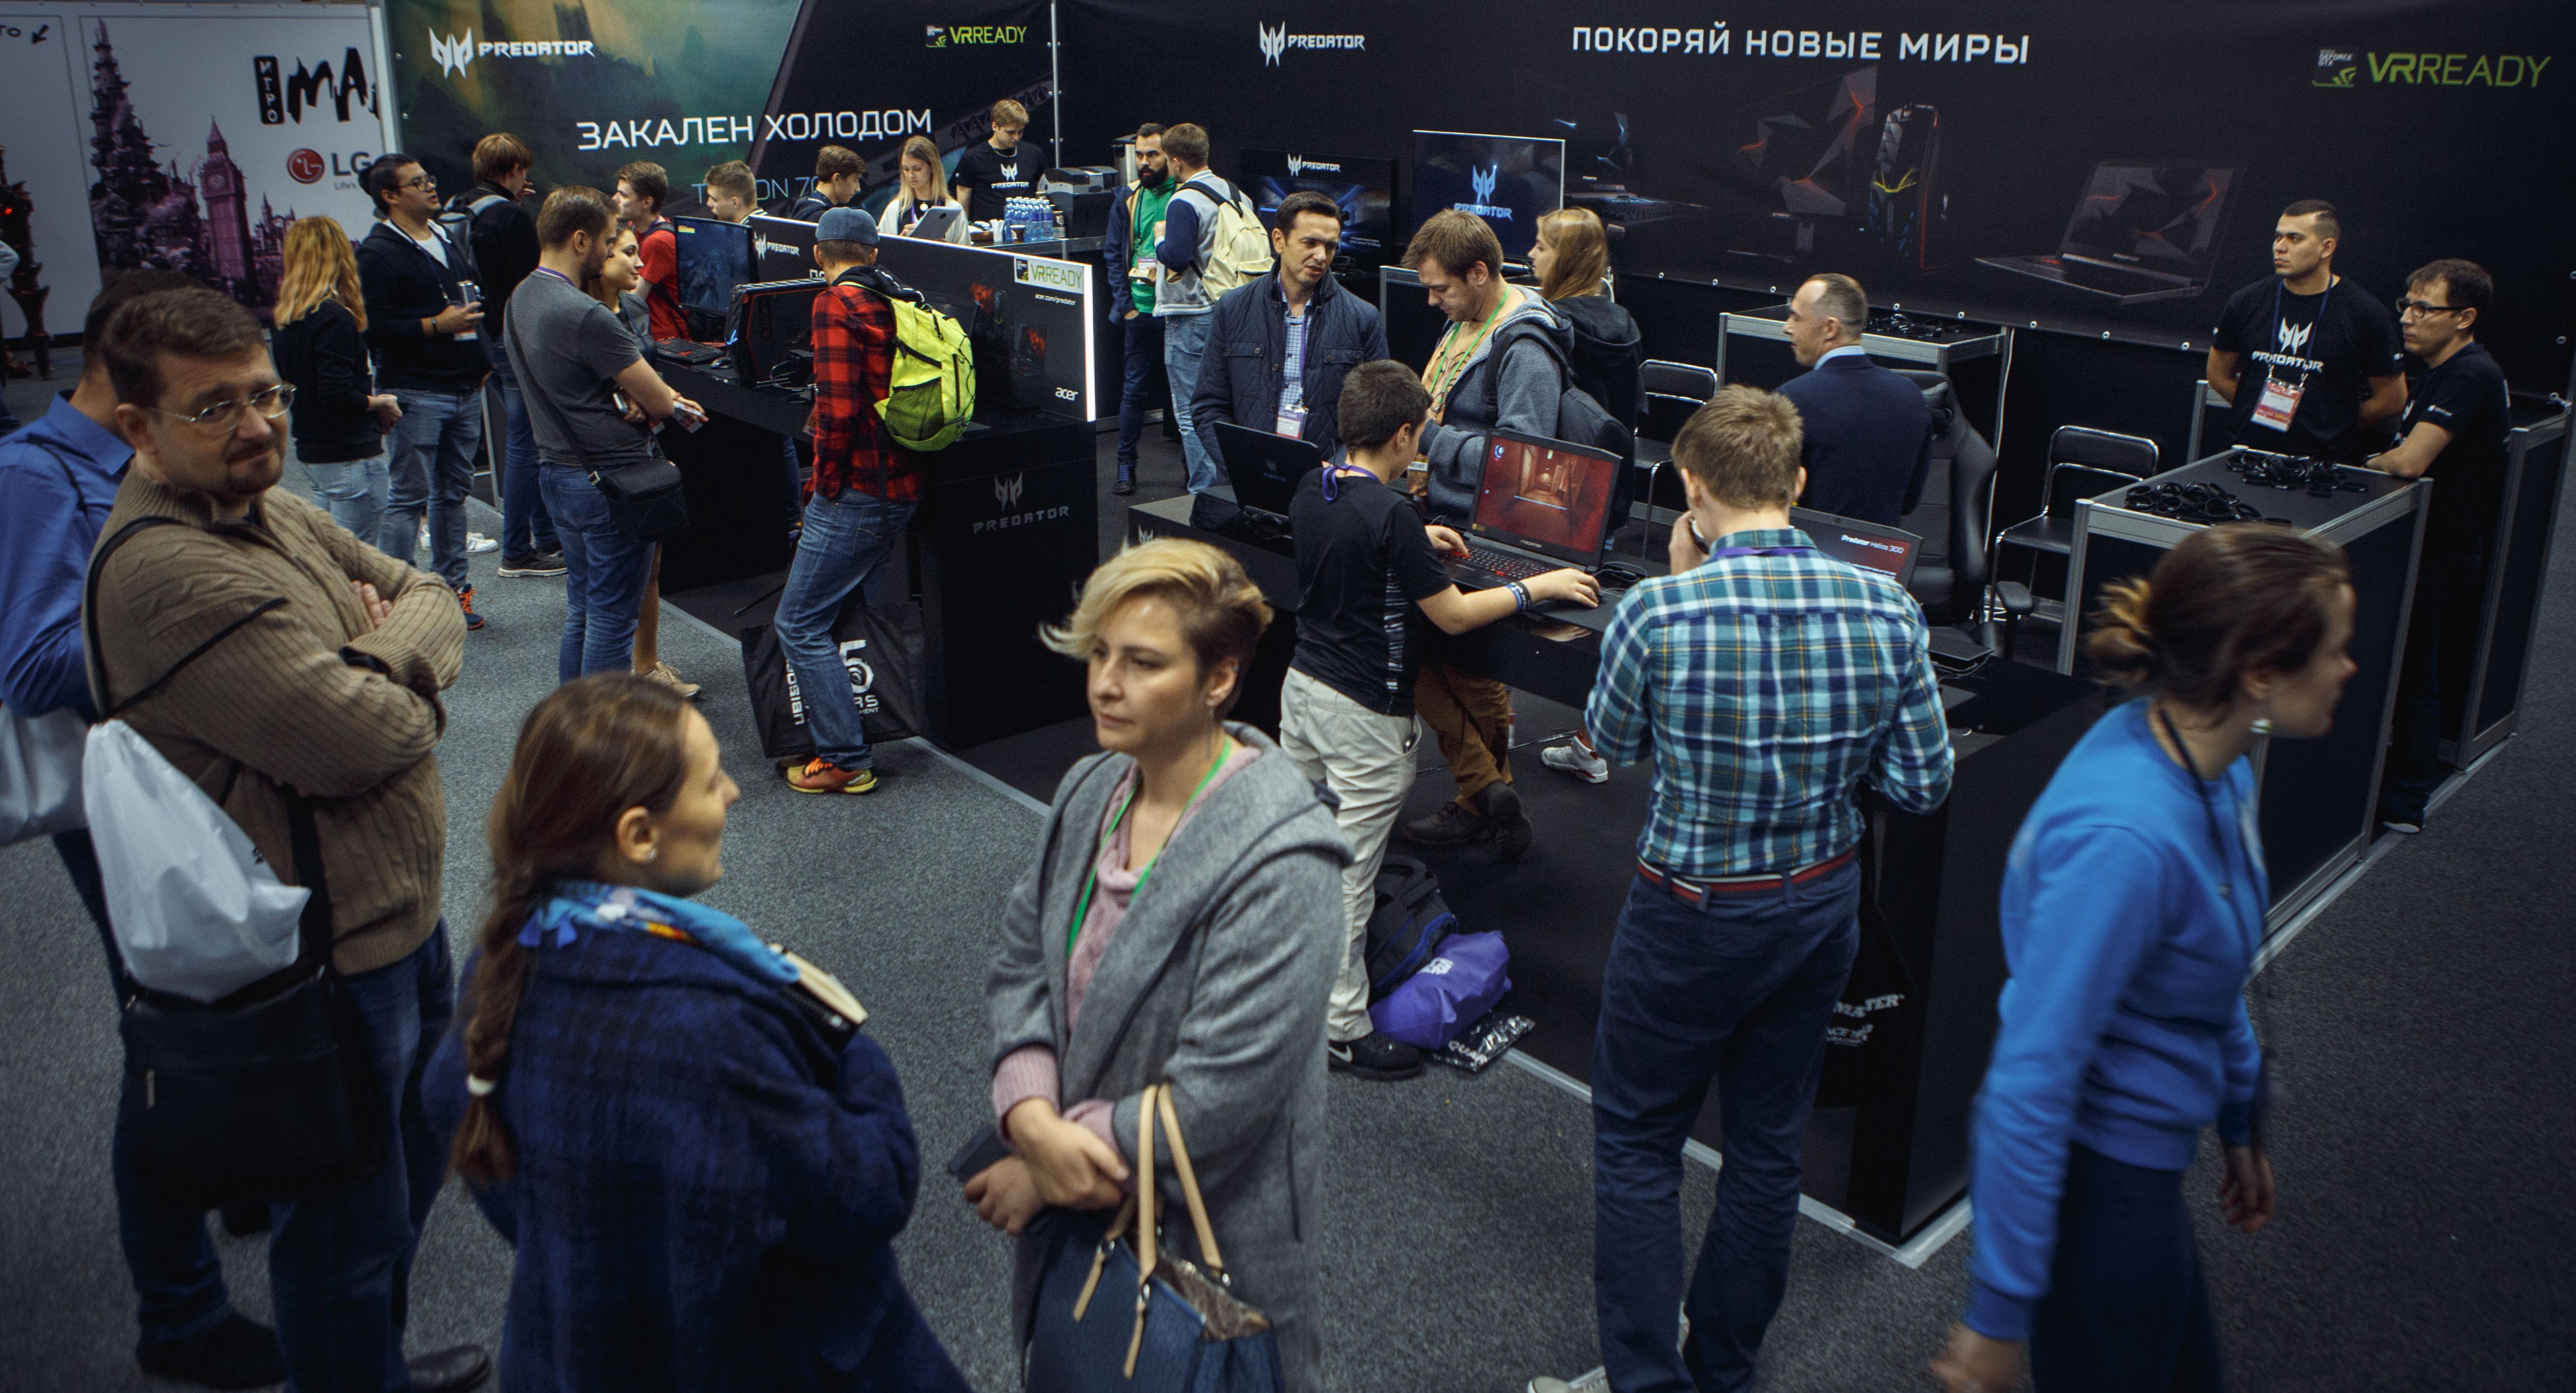 Игровой ультрабук Acer Predator Triton 700 приехал в РФ